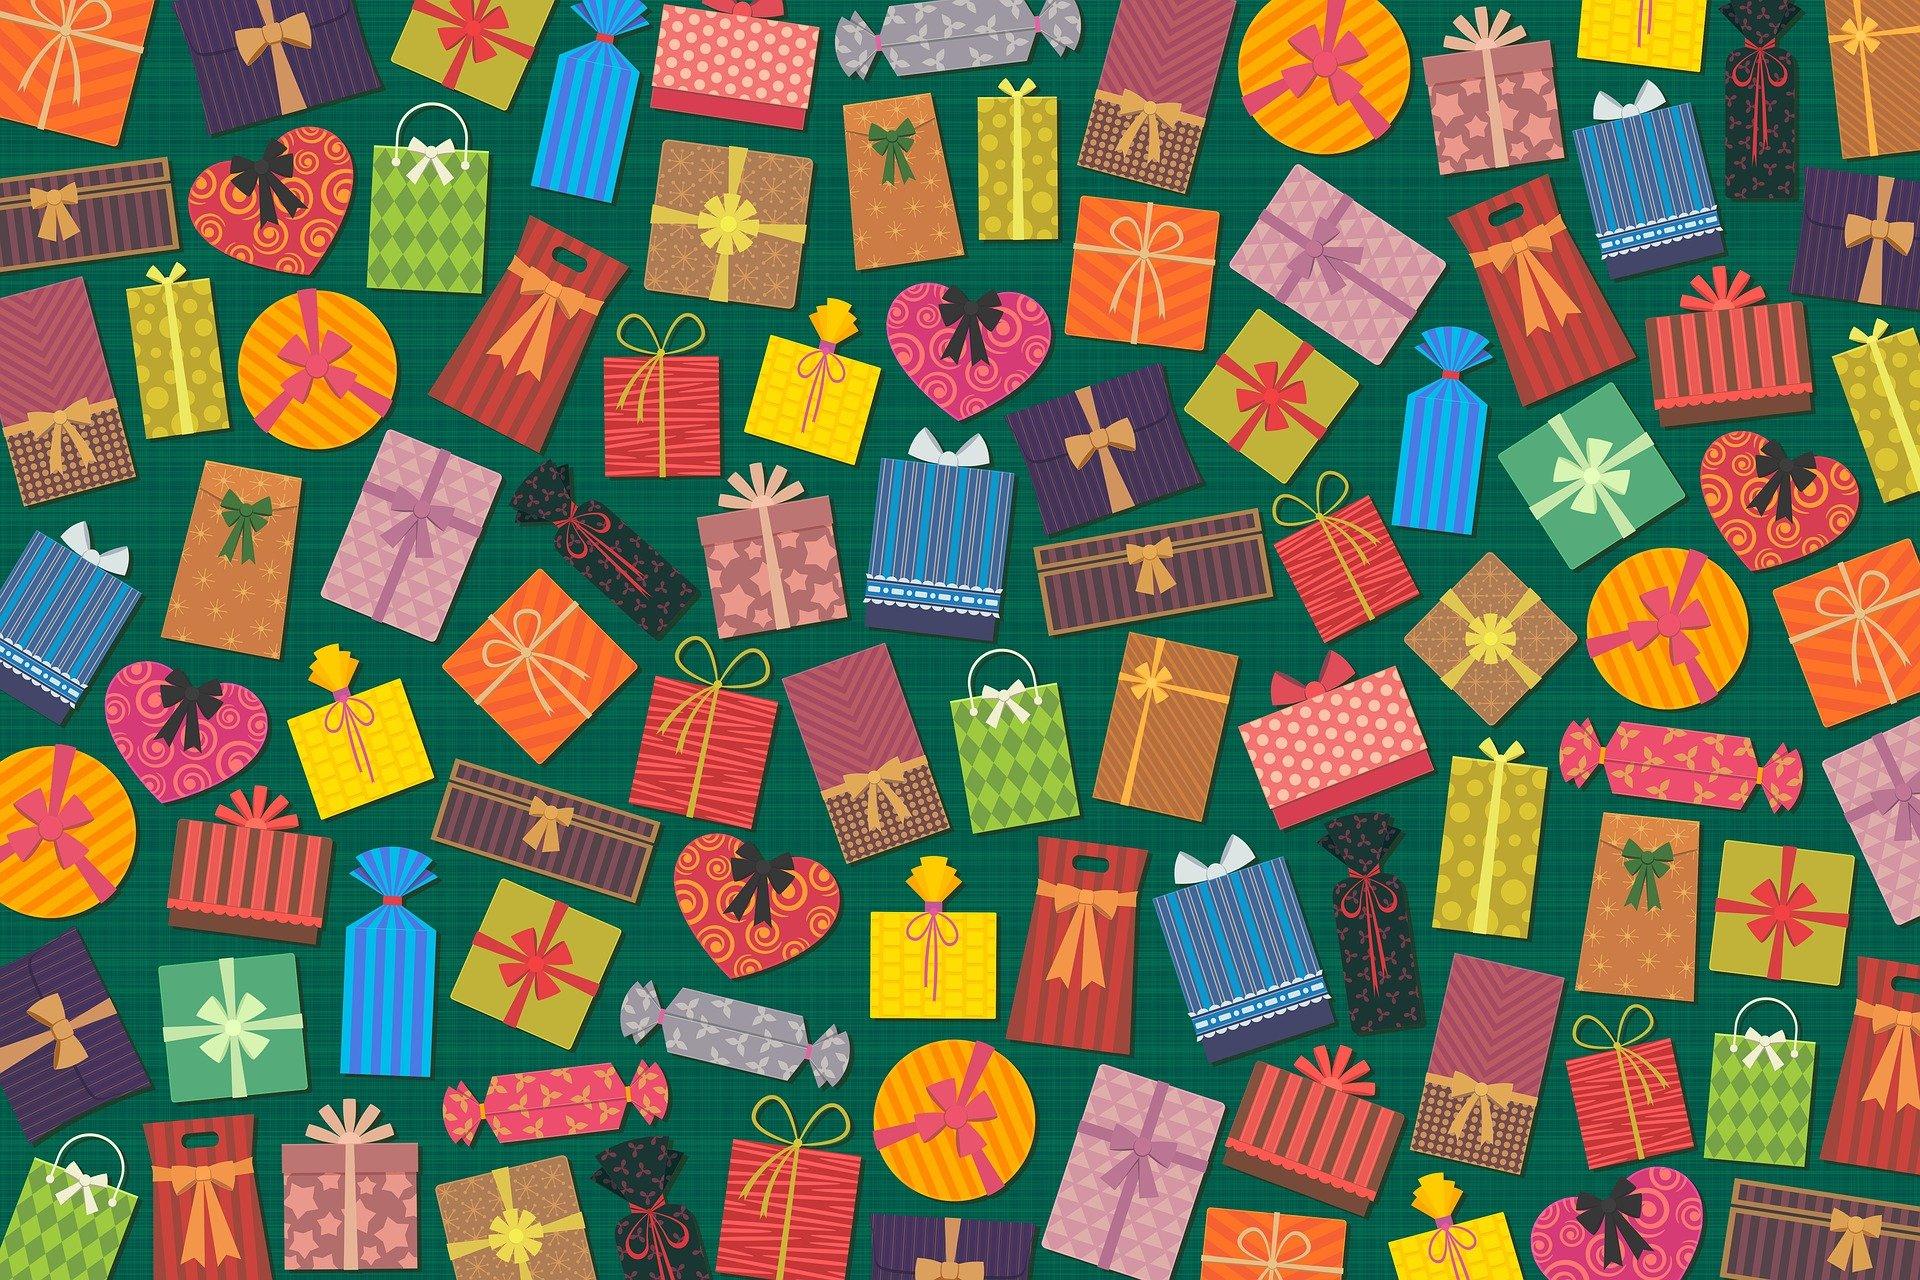 Regali per bambini: alcune idee in attesa del Natale